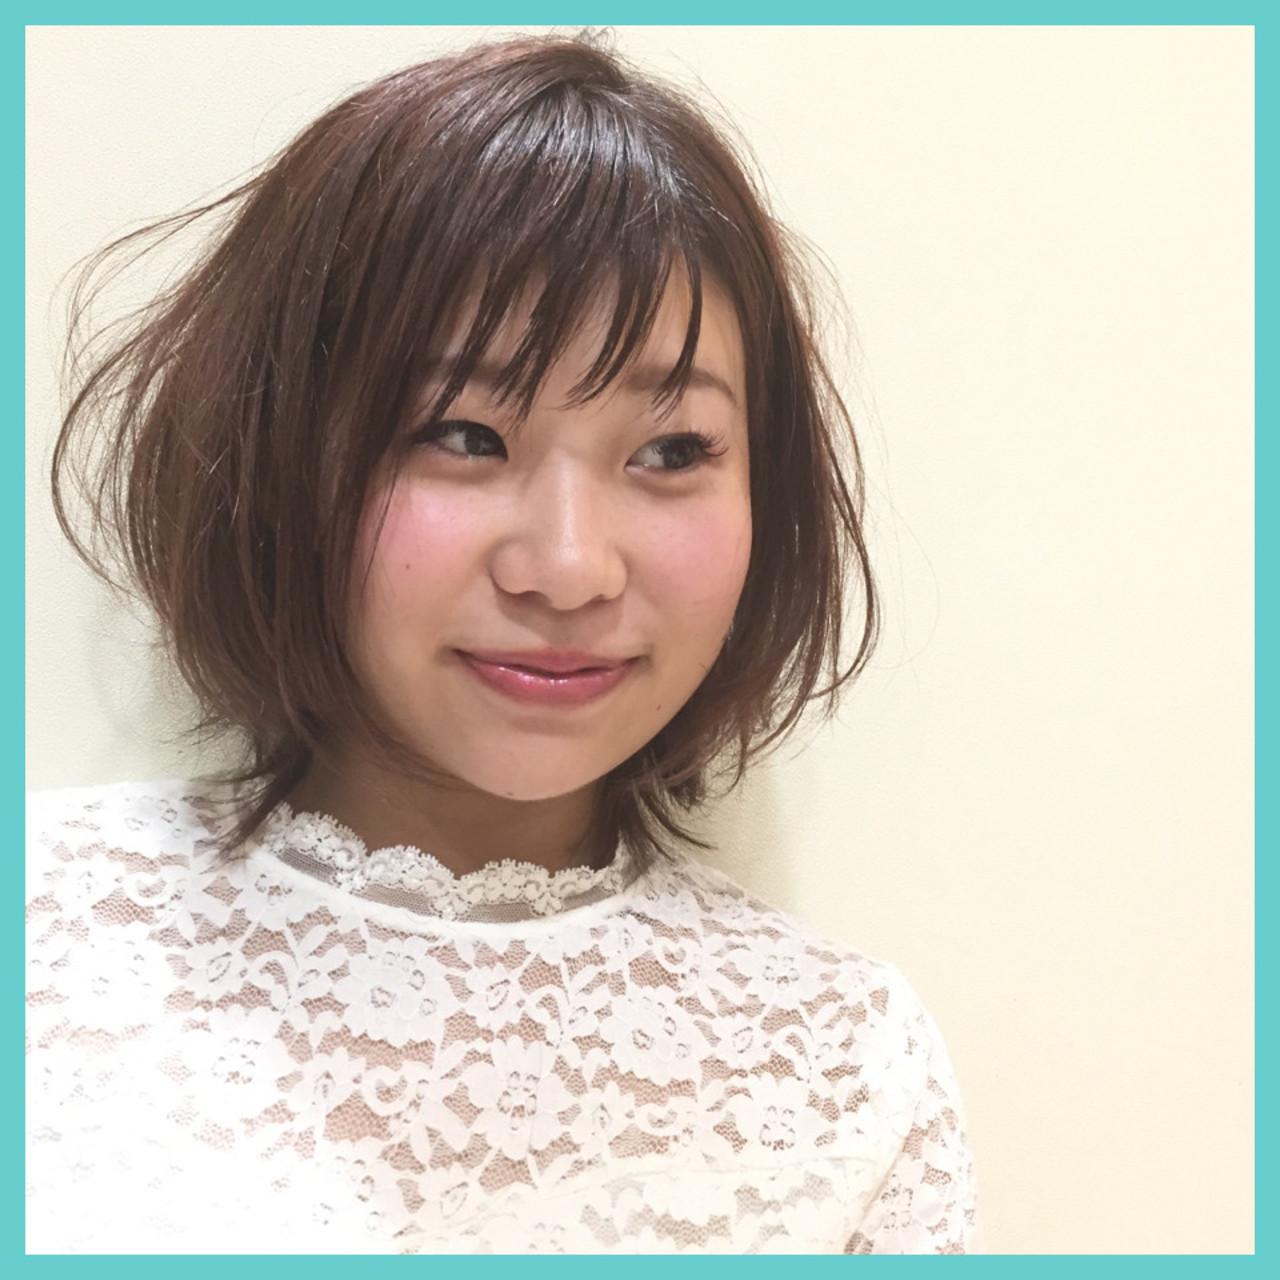 手抜きに見えないゆるさが魅力♡敏腕美容師さんおすすめ最新「抜け感ヘア」 田波 祐将